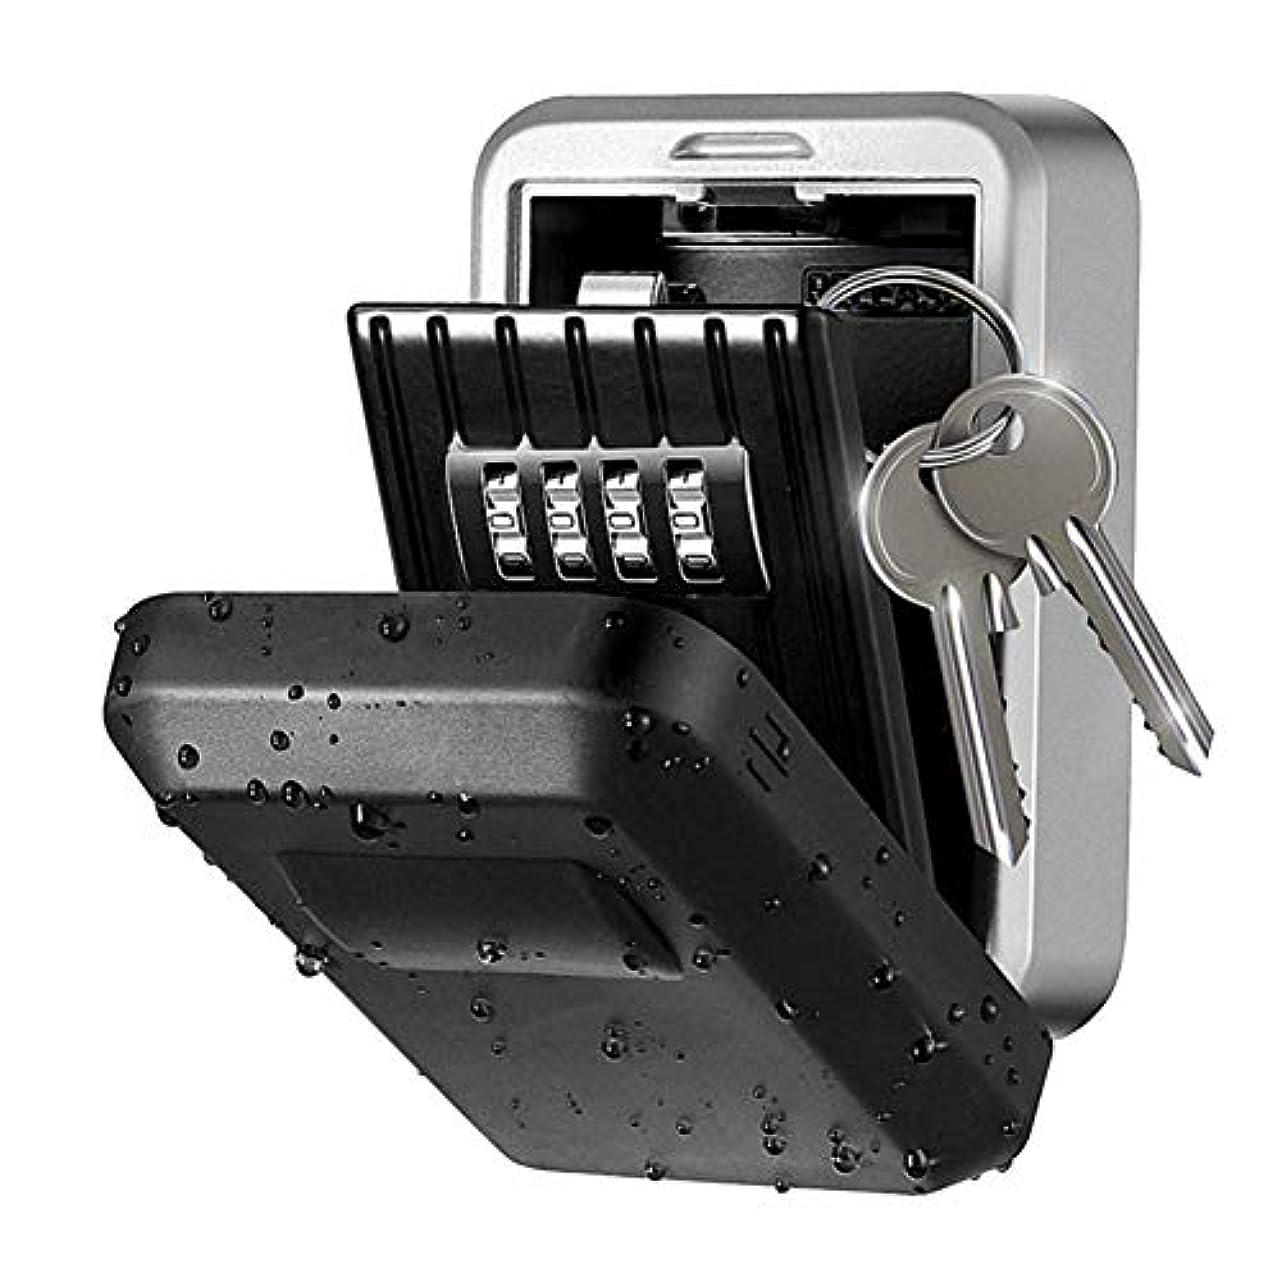 ごちそうスズメバチ設計Key Storage Box,ZOZOE Wall Mount Key Lock Box - Strong, Metal, Outdoors 4 Digit Combination Wall Mount Key Safe...